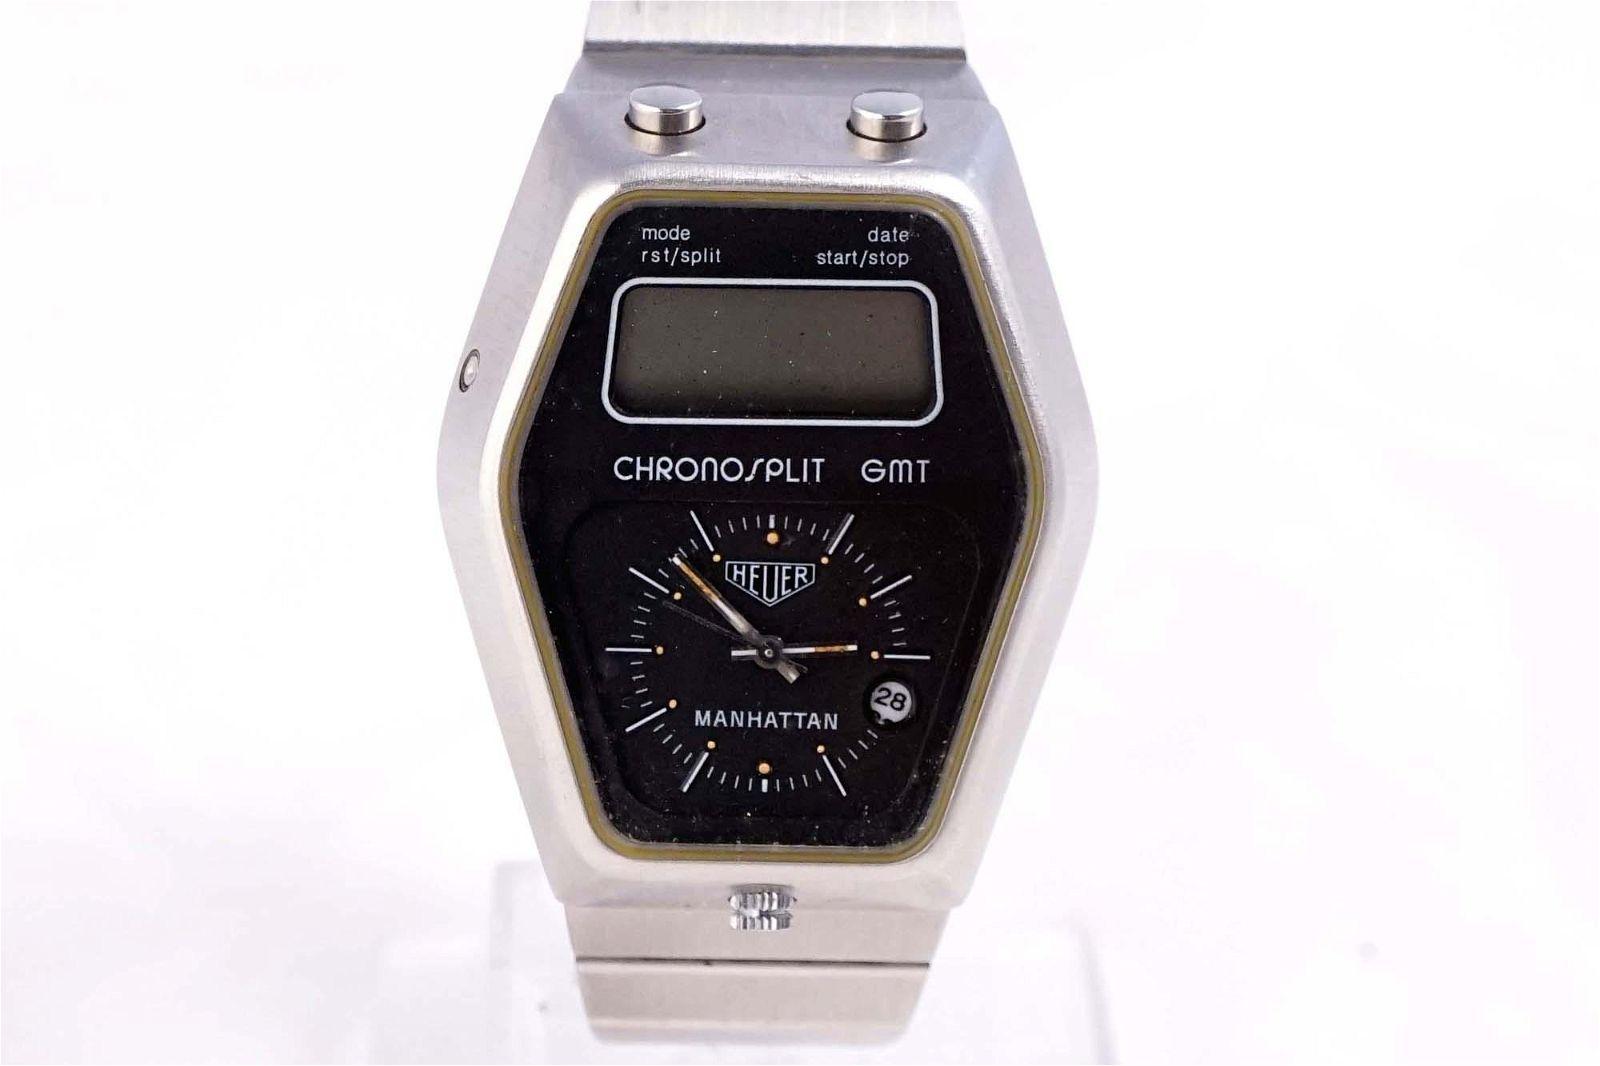 Heuer - Chronosplit GMT Manhattan watch